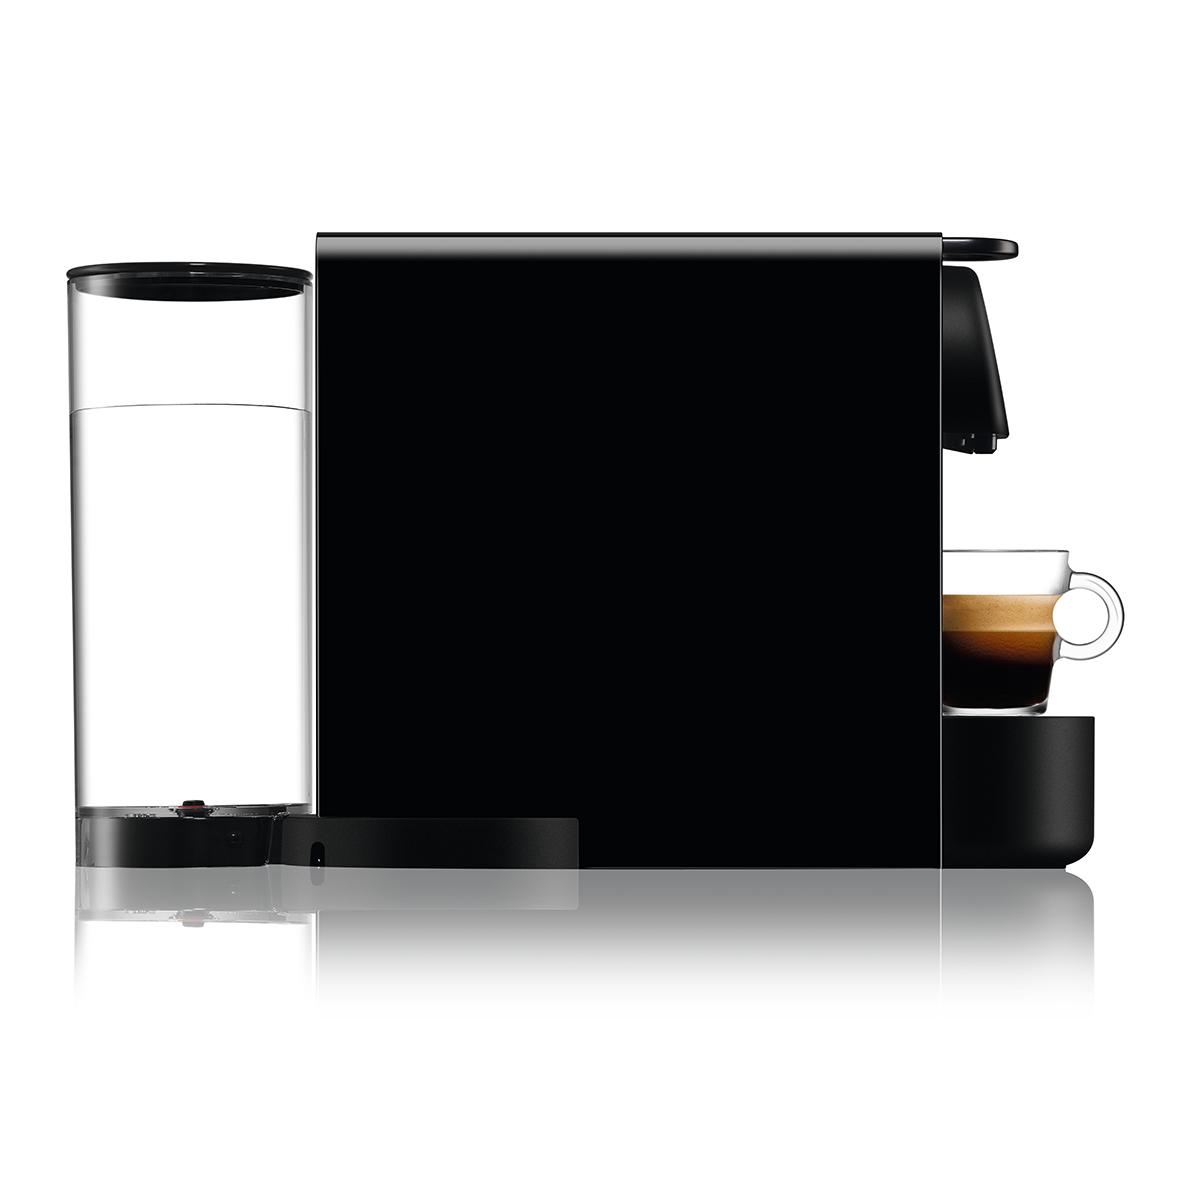 מכונת קפה NESPRESSO Essenza Plus C45 - צבע שחור - תמונה 2